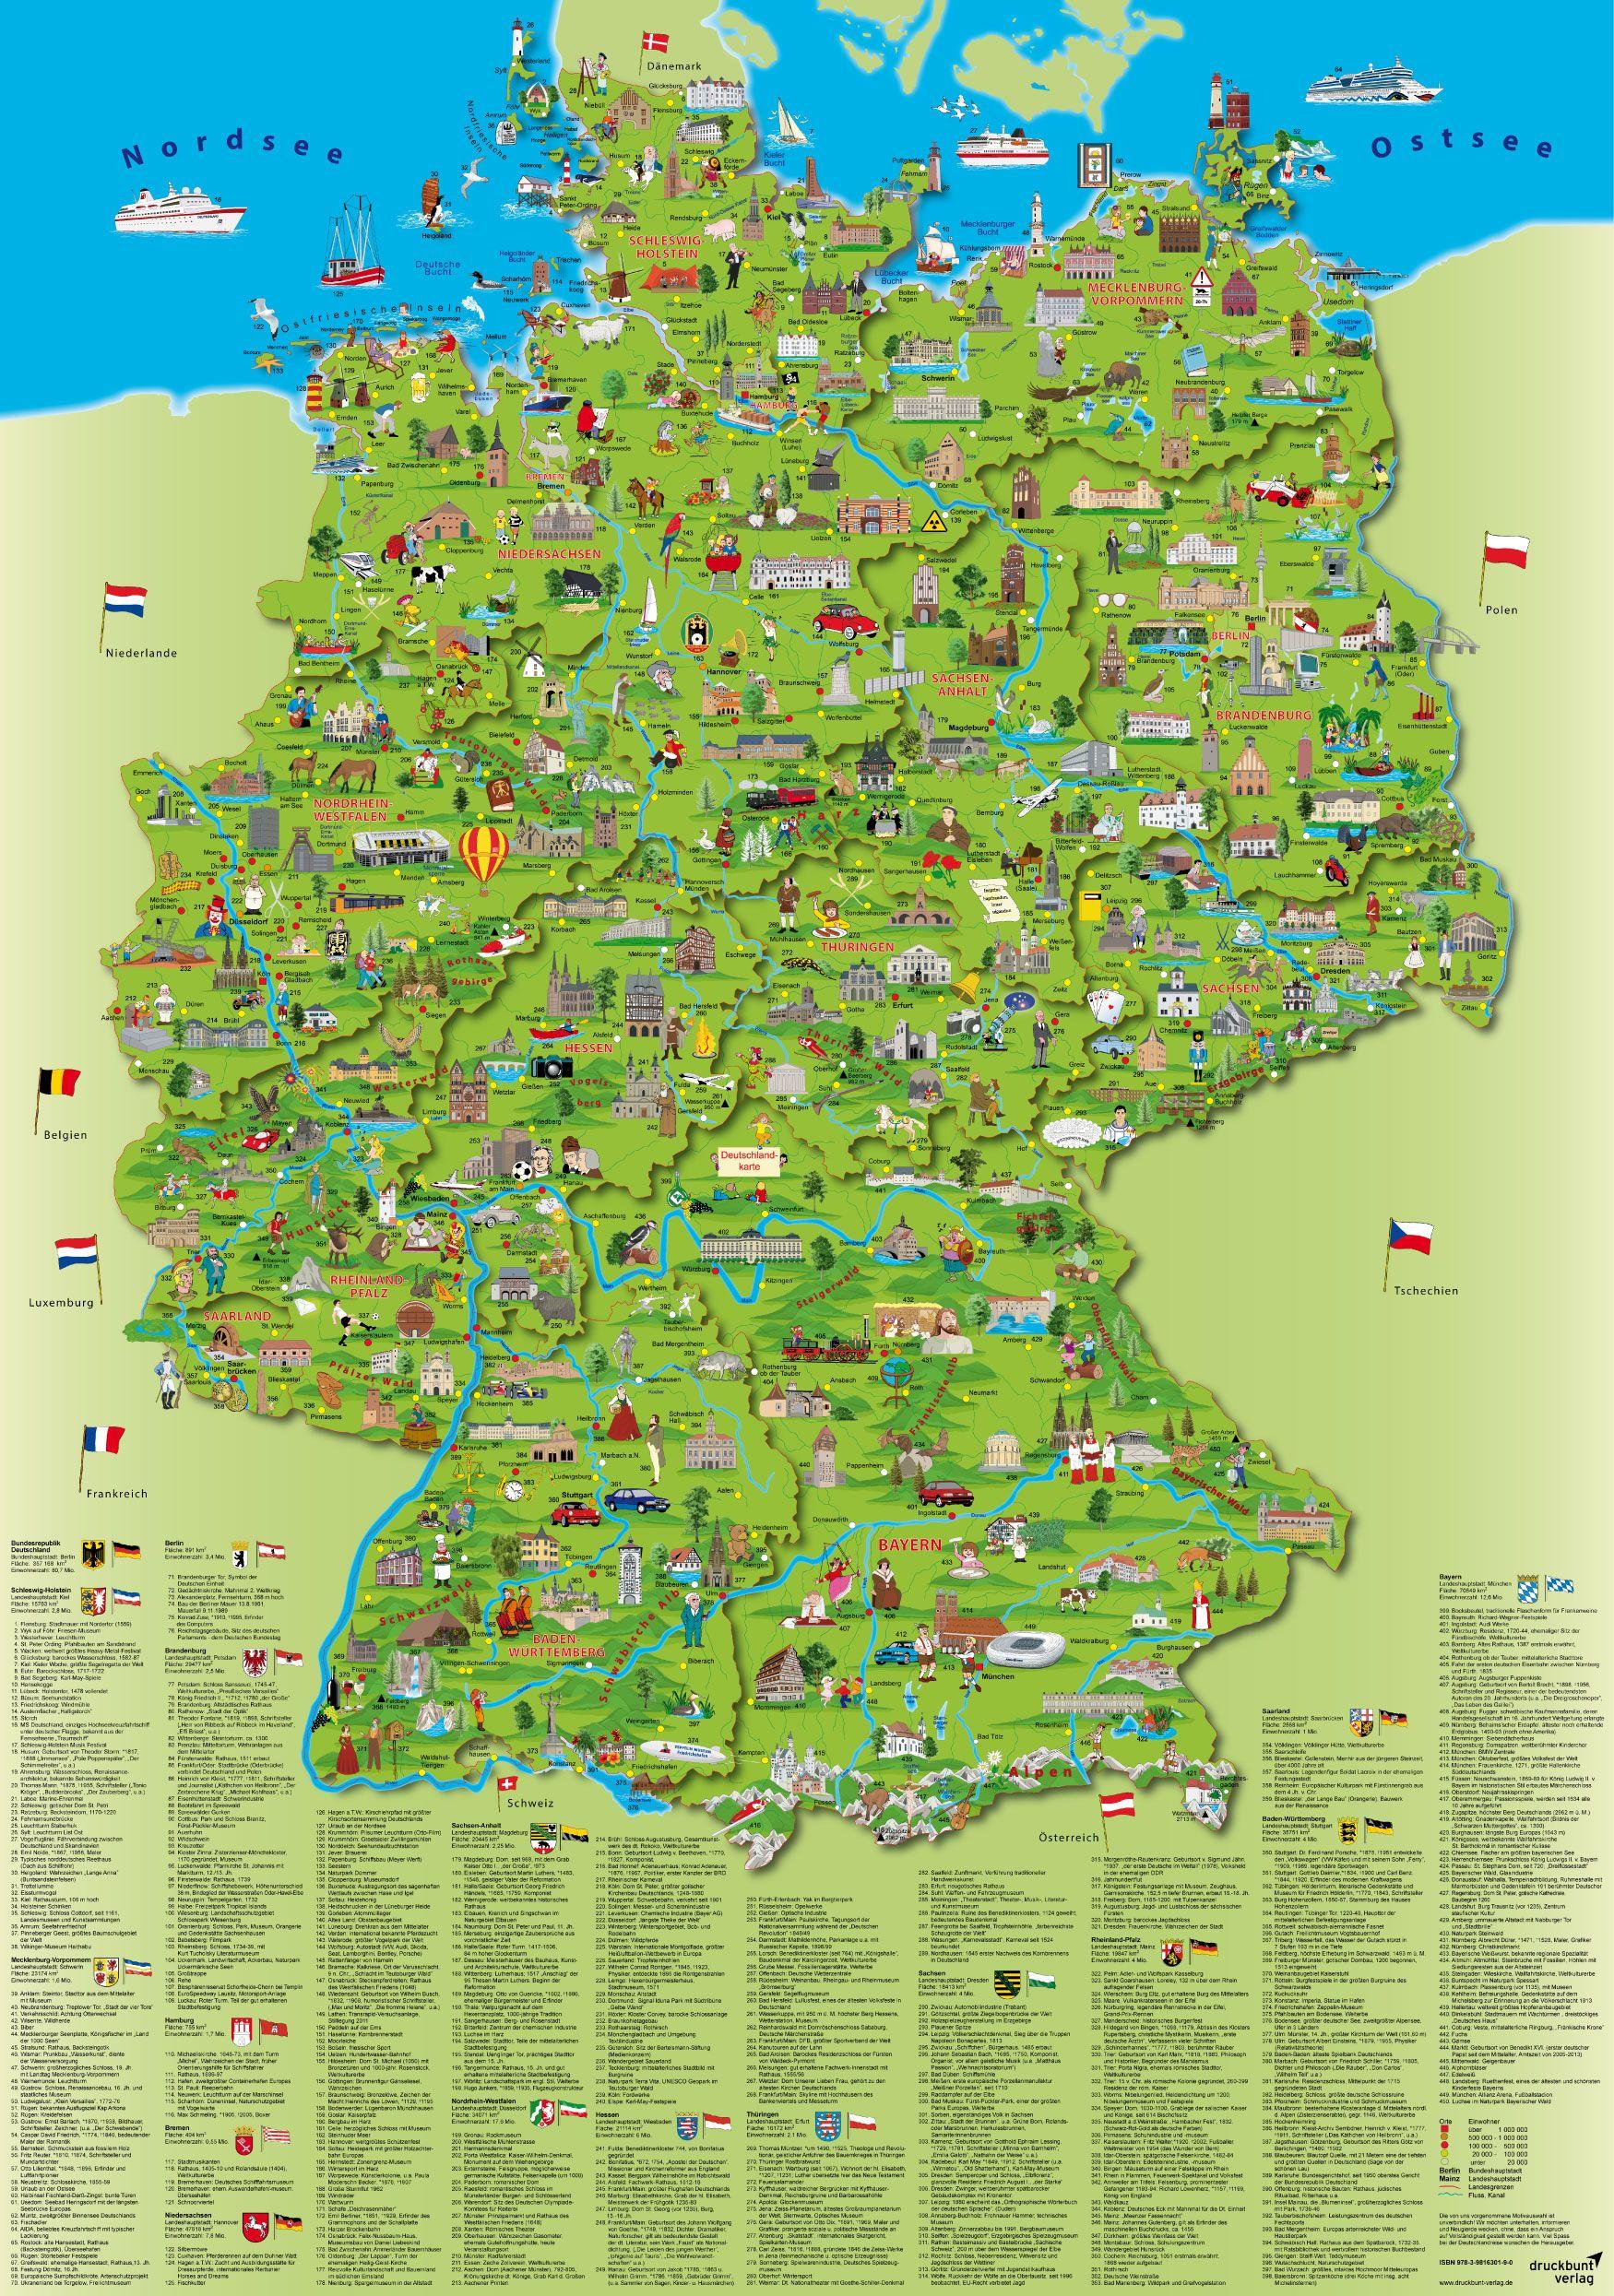 www deutschland landkarte de Landkarten für Kinder im Kinderpostershop | Landkarte deutschland